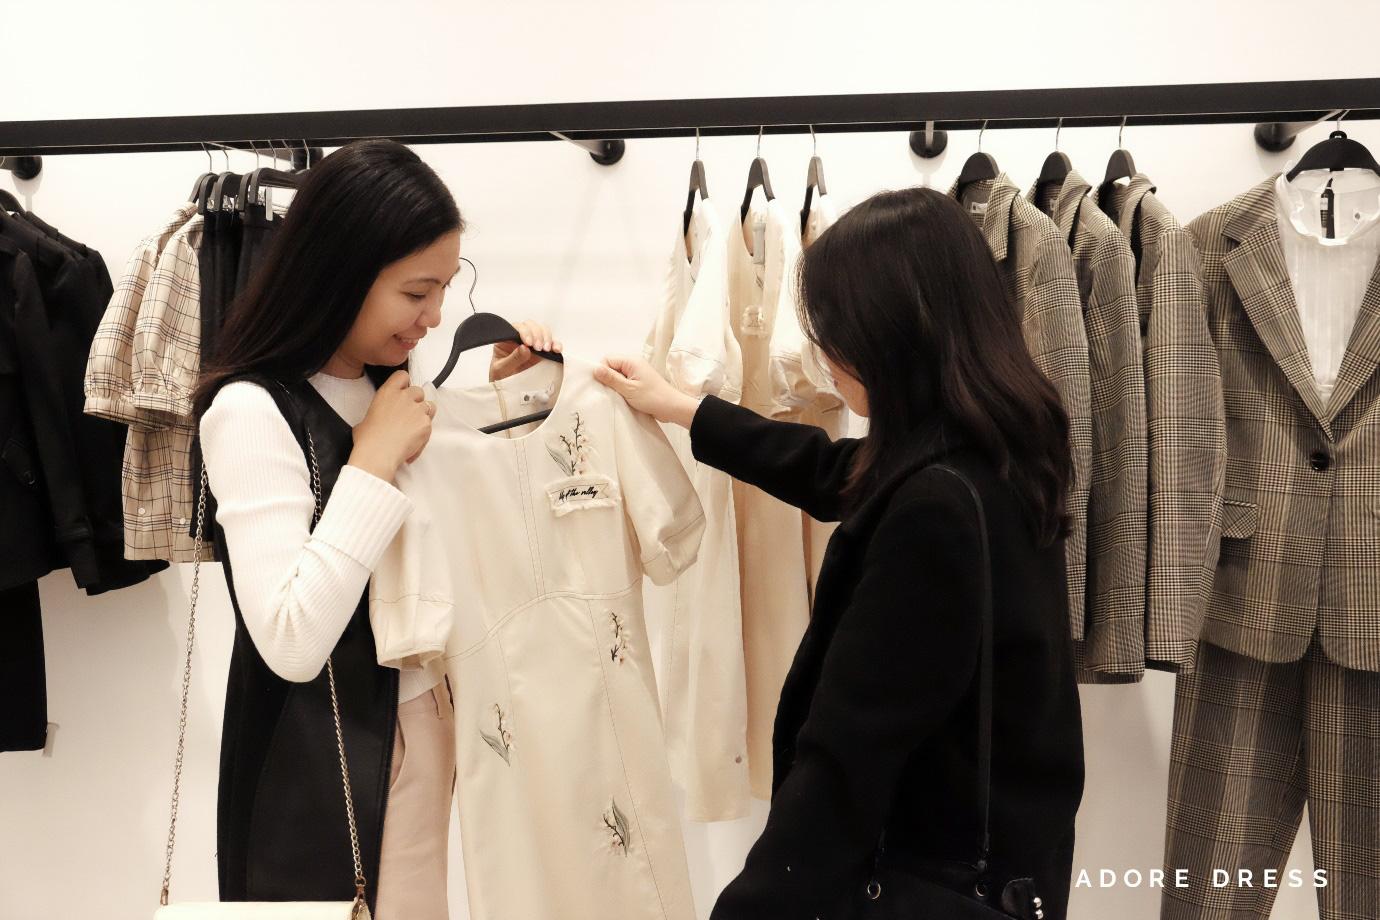 Adore Dress rộn ràng khai trương 2 cửa hàng mới tại Ocean Park Hà Nội và Aeon Mall Hải Phòng - Ảnh 2.